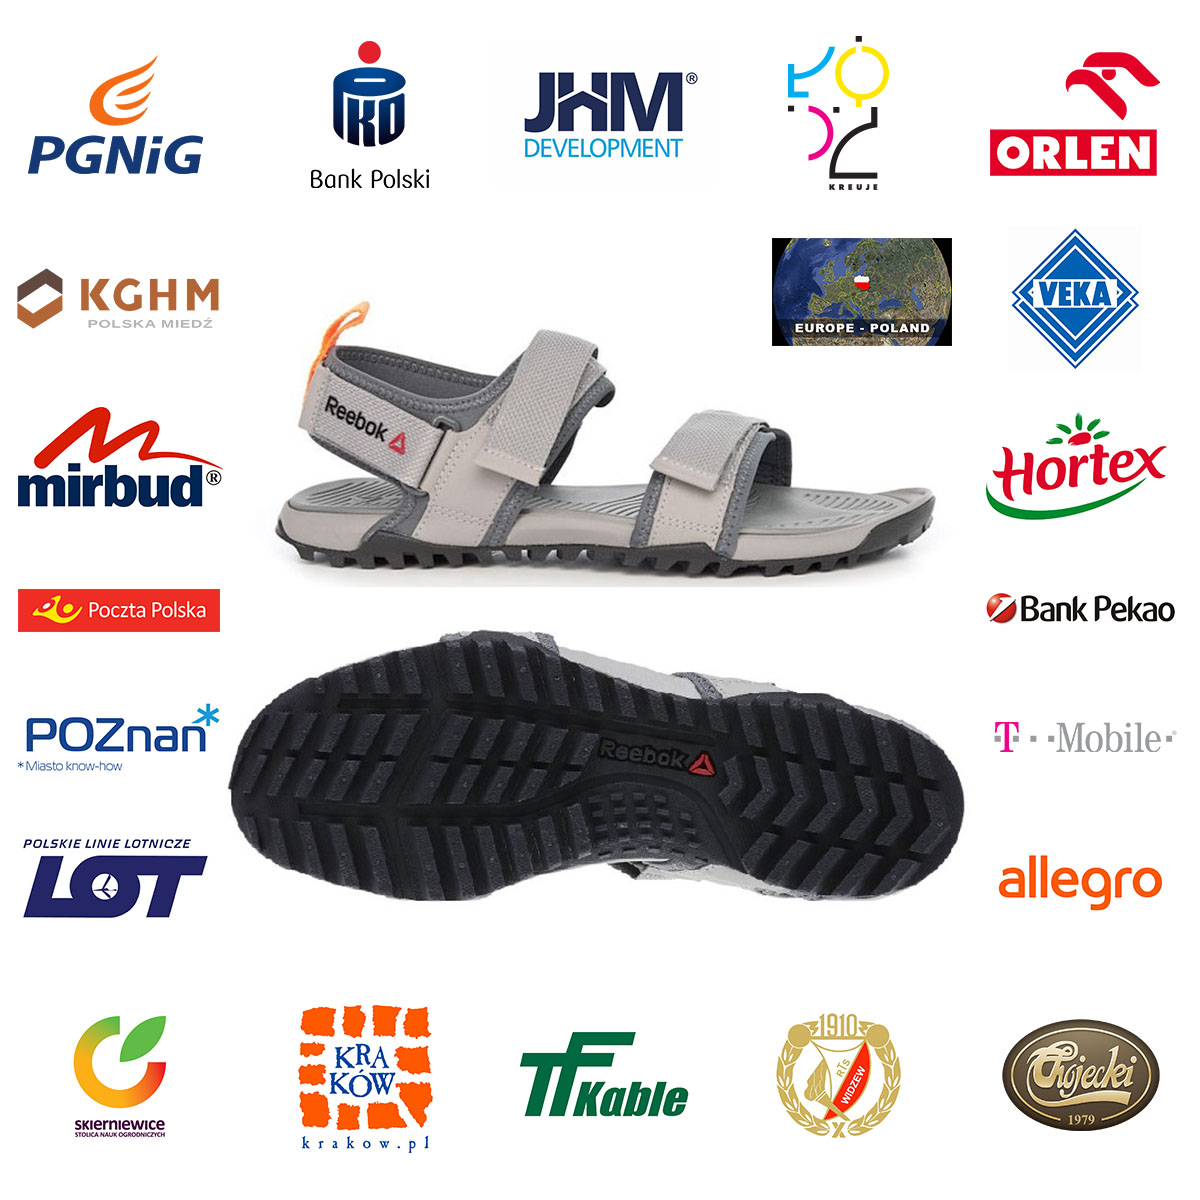 077c465552859 5 Trail Reebok Oficjalne Iv 38 Size 7375509424 Sandały Serpent wY45f